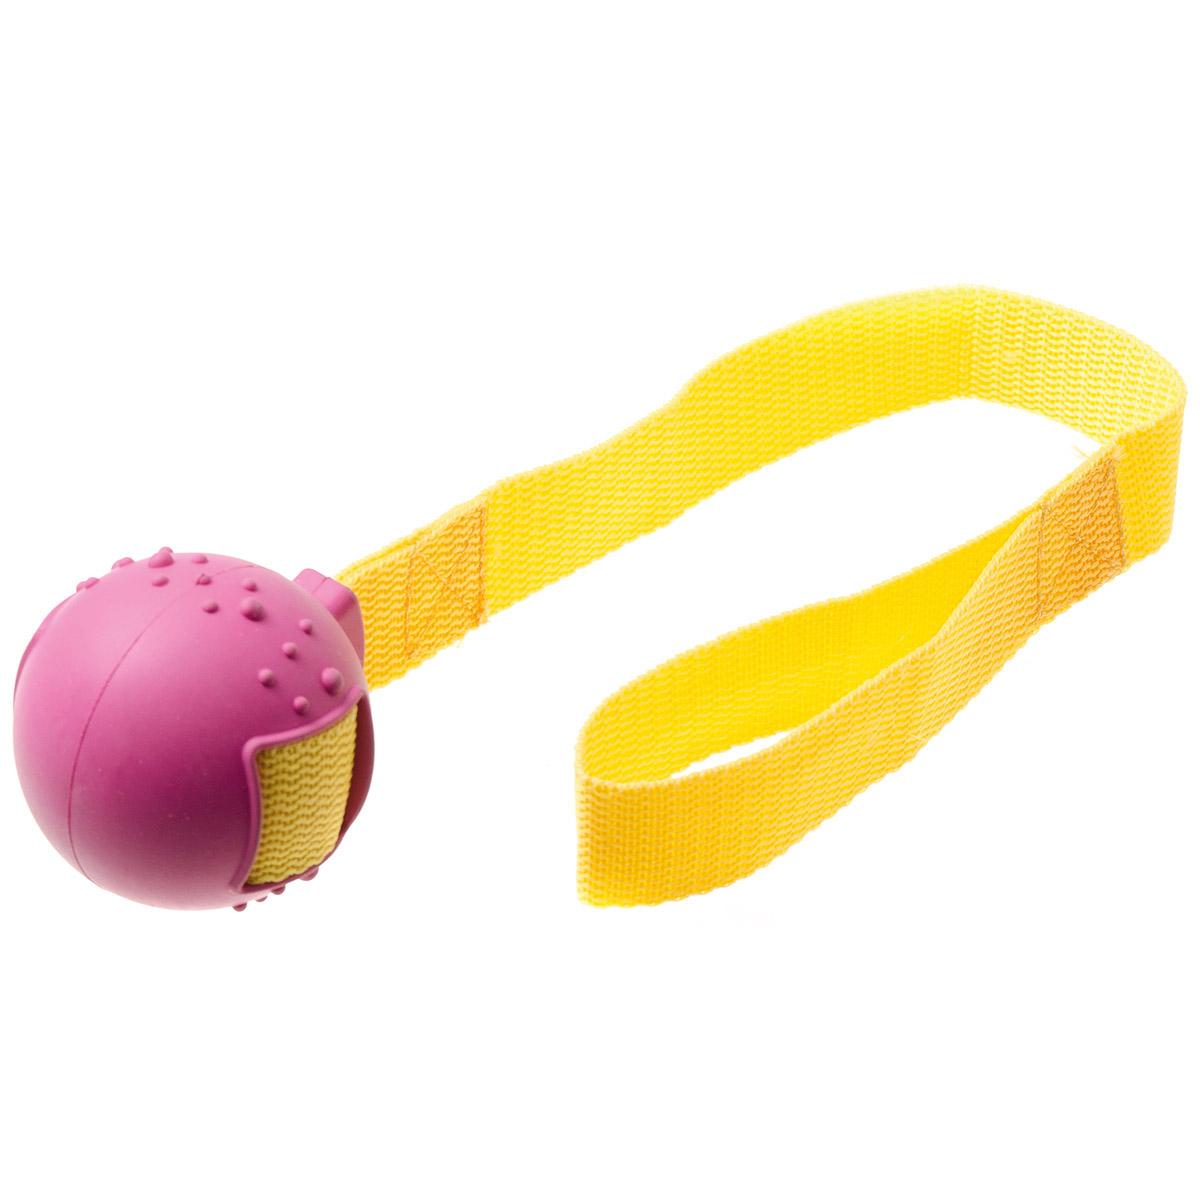 Игрушка для собак V.I.Pet Мяч на ручке, диаметр 5,5 см13121Игрушка для собак V.I.Pet Мяч на ручке предназначена для активной игры с питомцем в перетягивание и бросание. С этой игрушкой с удовольствием будут играть и щенки, и взрослые собаки. Изготовлена из экологически чистой резины - абсолютно нетоксичной и безопасной, моется водой.